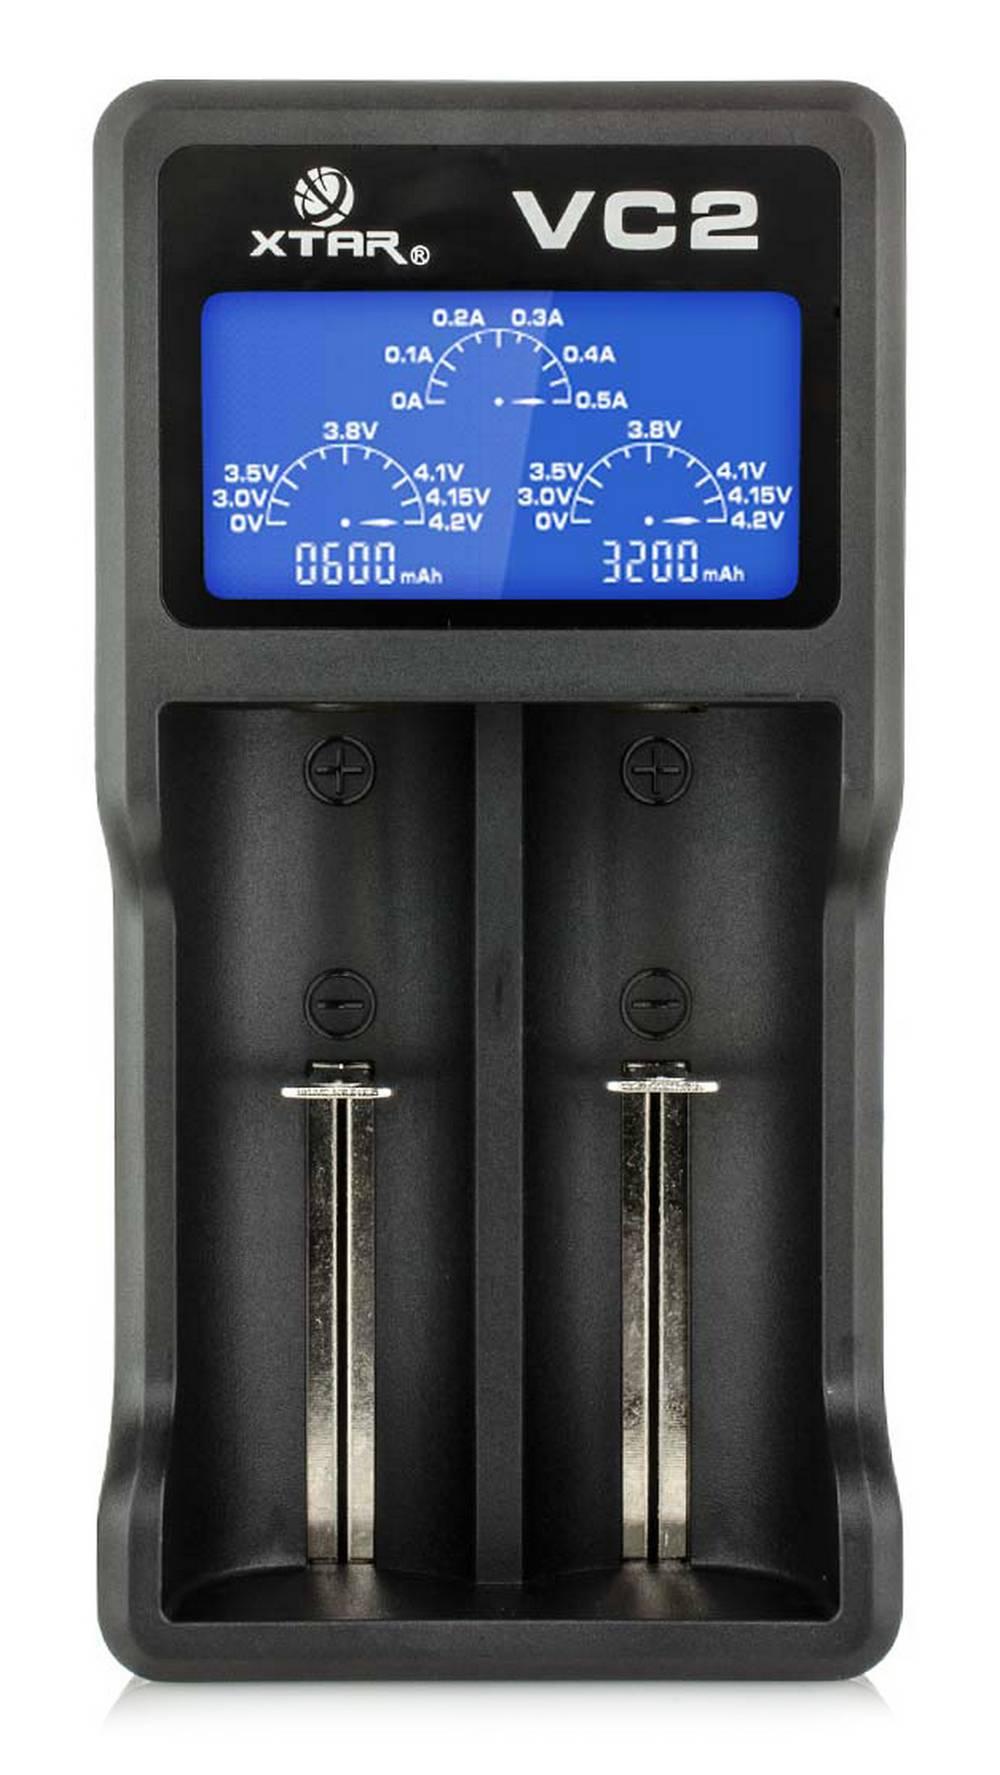 Φορτιστής Μπαταριών Βιομηχανικού Τύπου Xtar VC2 USB, 2 Θέσεων με Ένδειξη Επιπέδου Φόρτισης για 18650/17670/17500